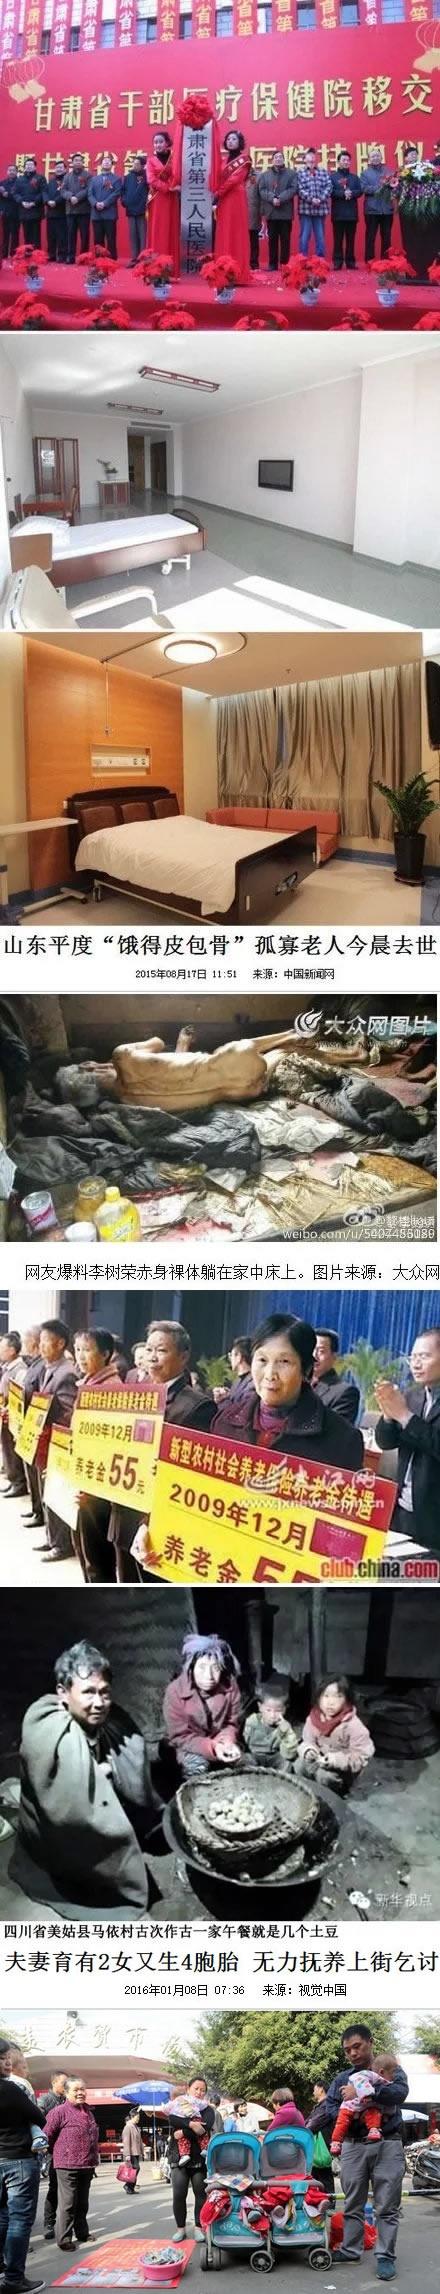 刘植荣: 社会福利应给所需之人 - 刘植荣 - 刘植荣的博客